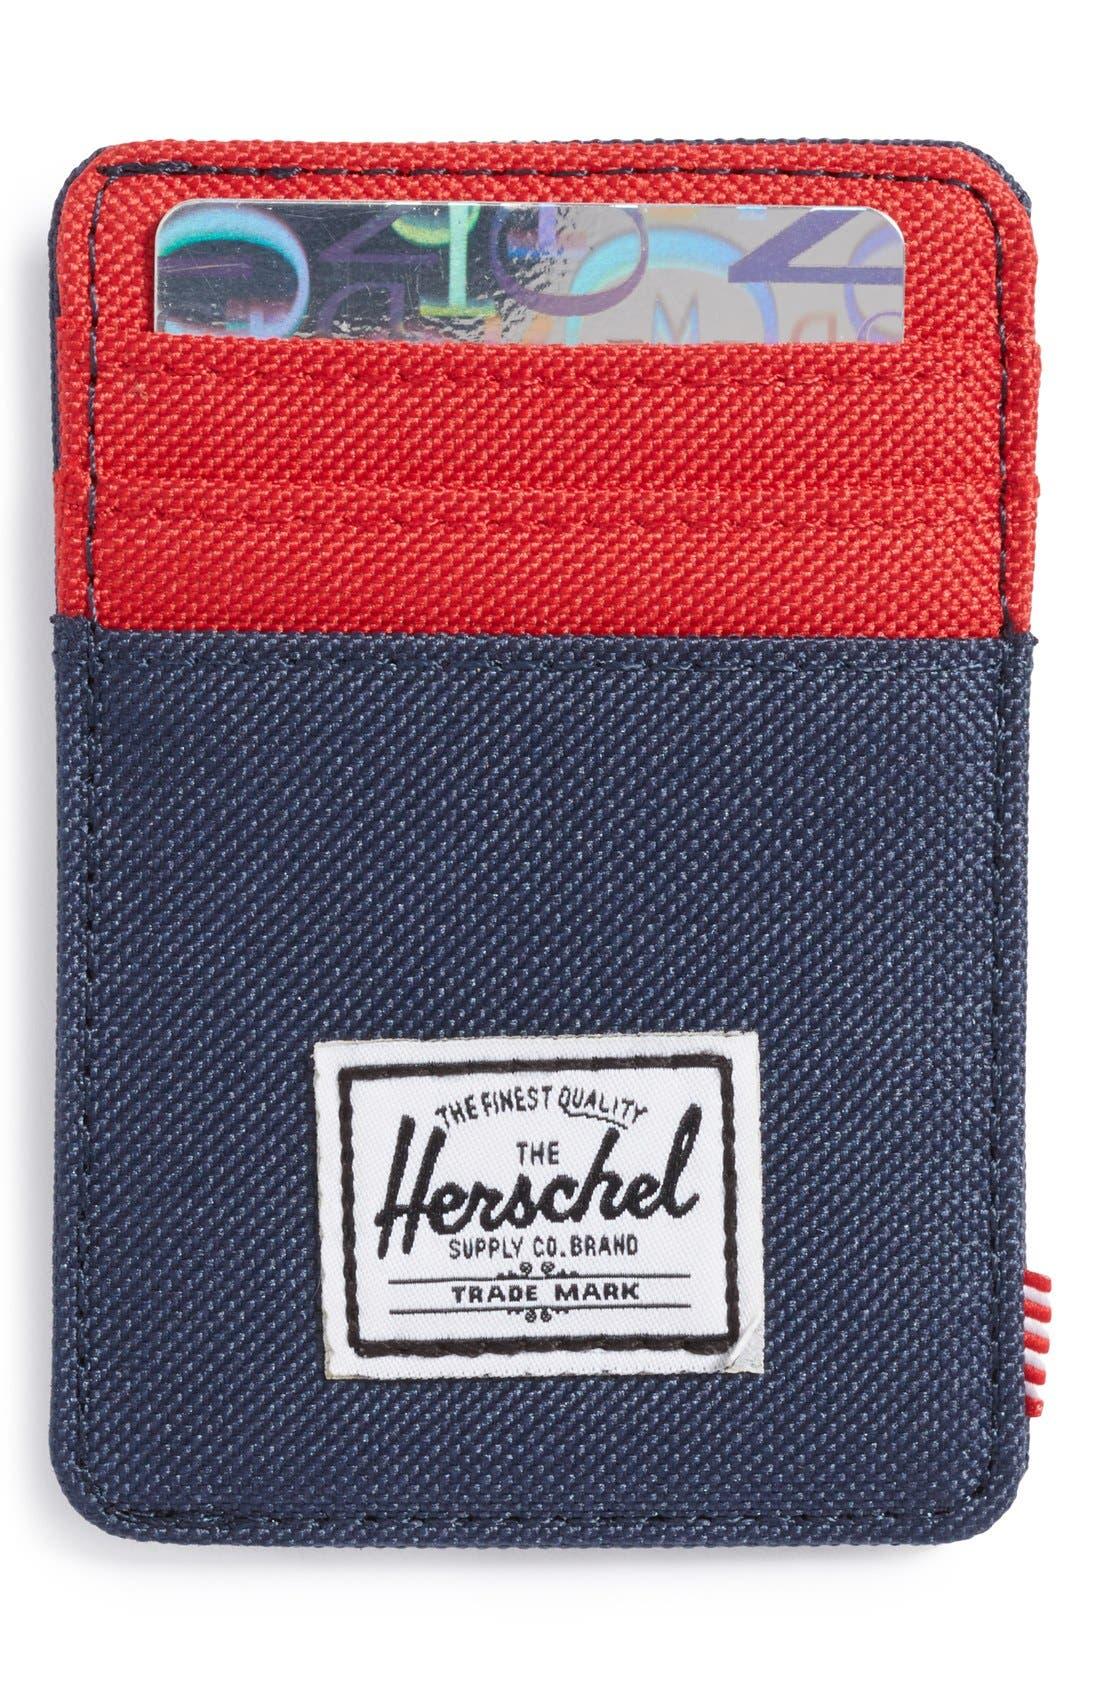 Main Image - Herschel Supply Co. 'Raven' Card Case